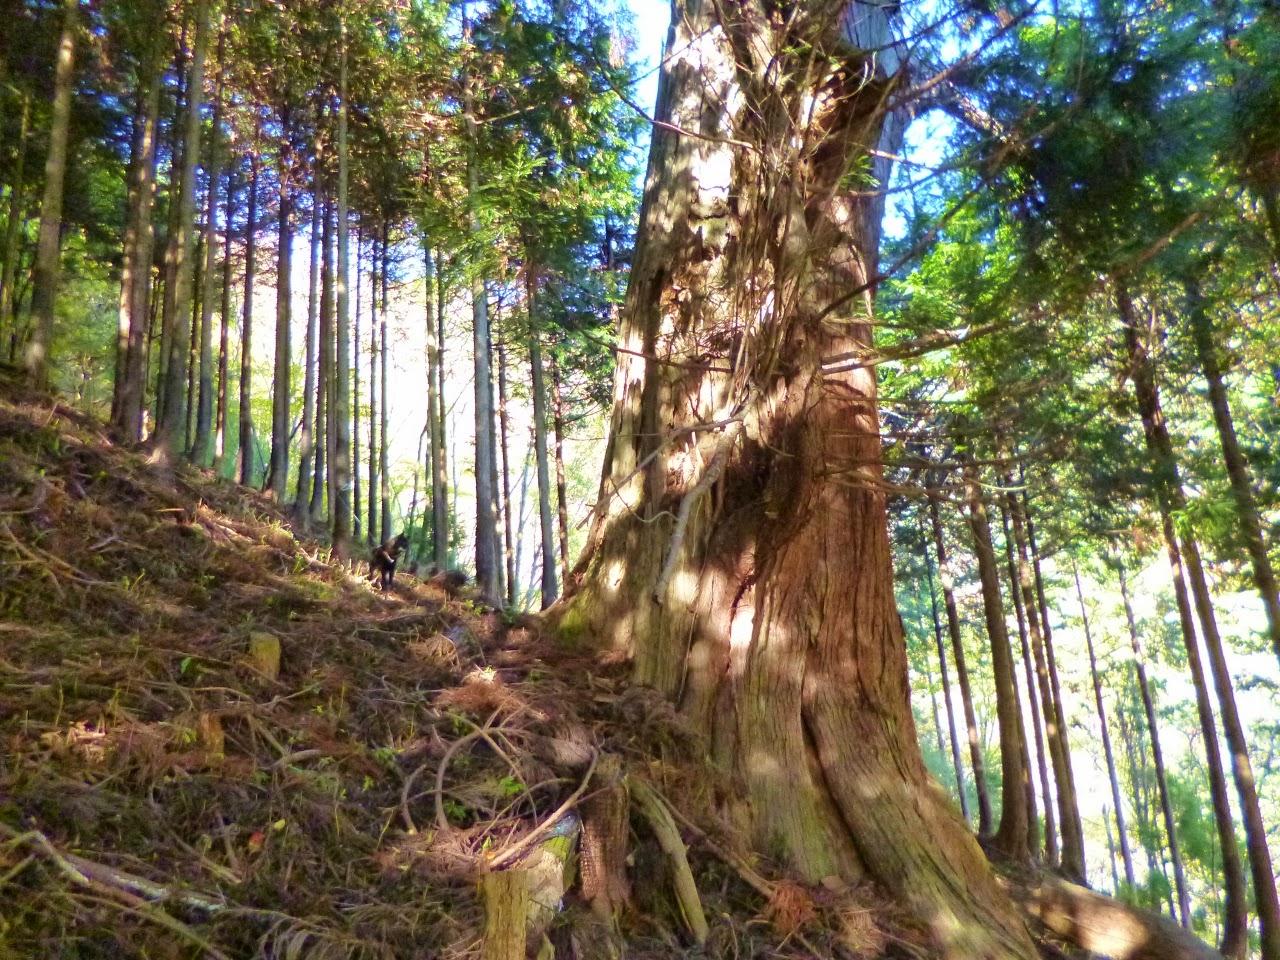 chronicle(山のクロニクル30年): 円山木の頭